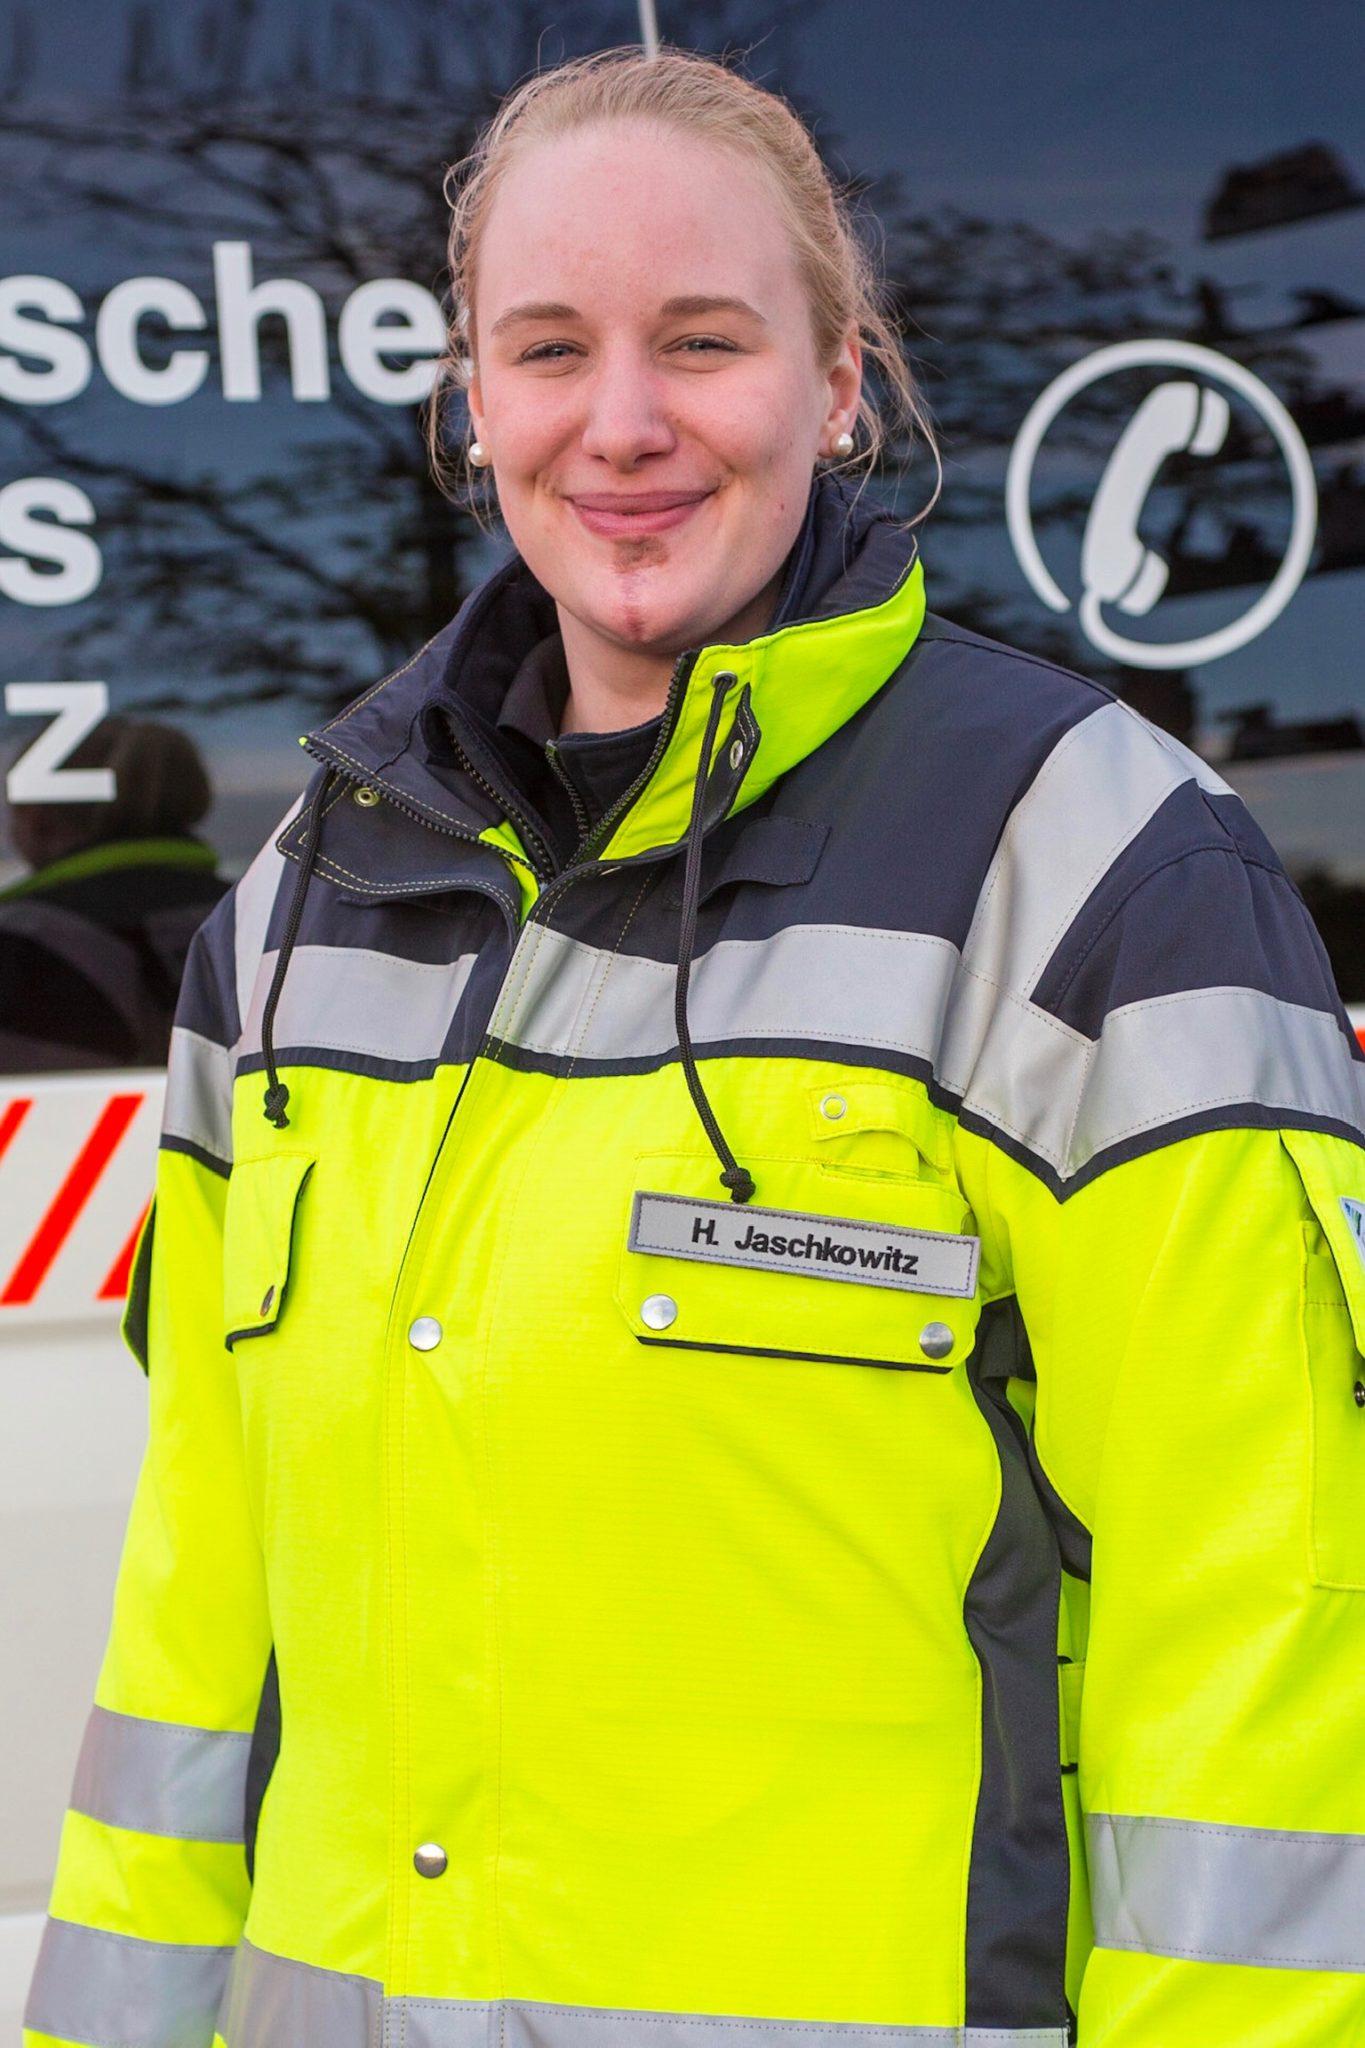 Hannah Jaschkowitz